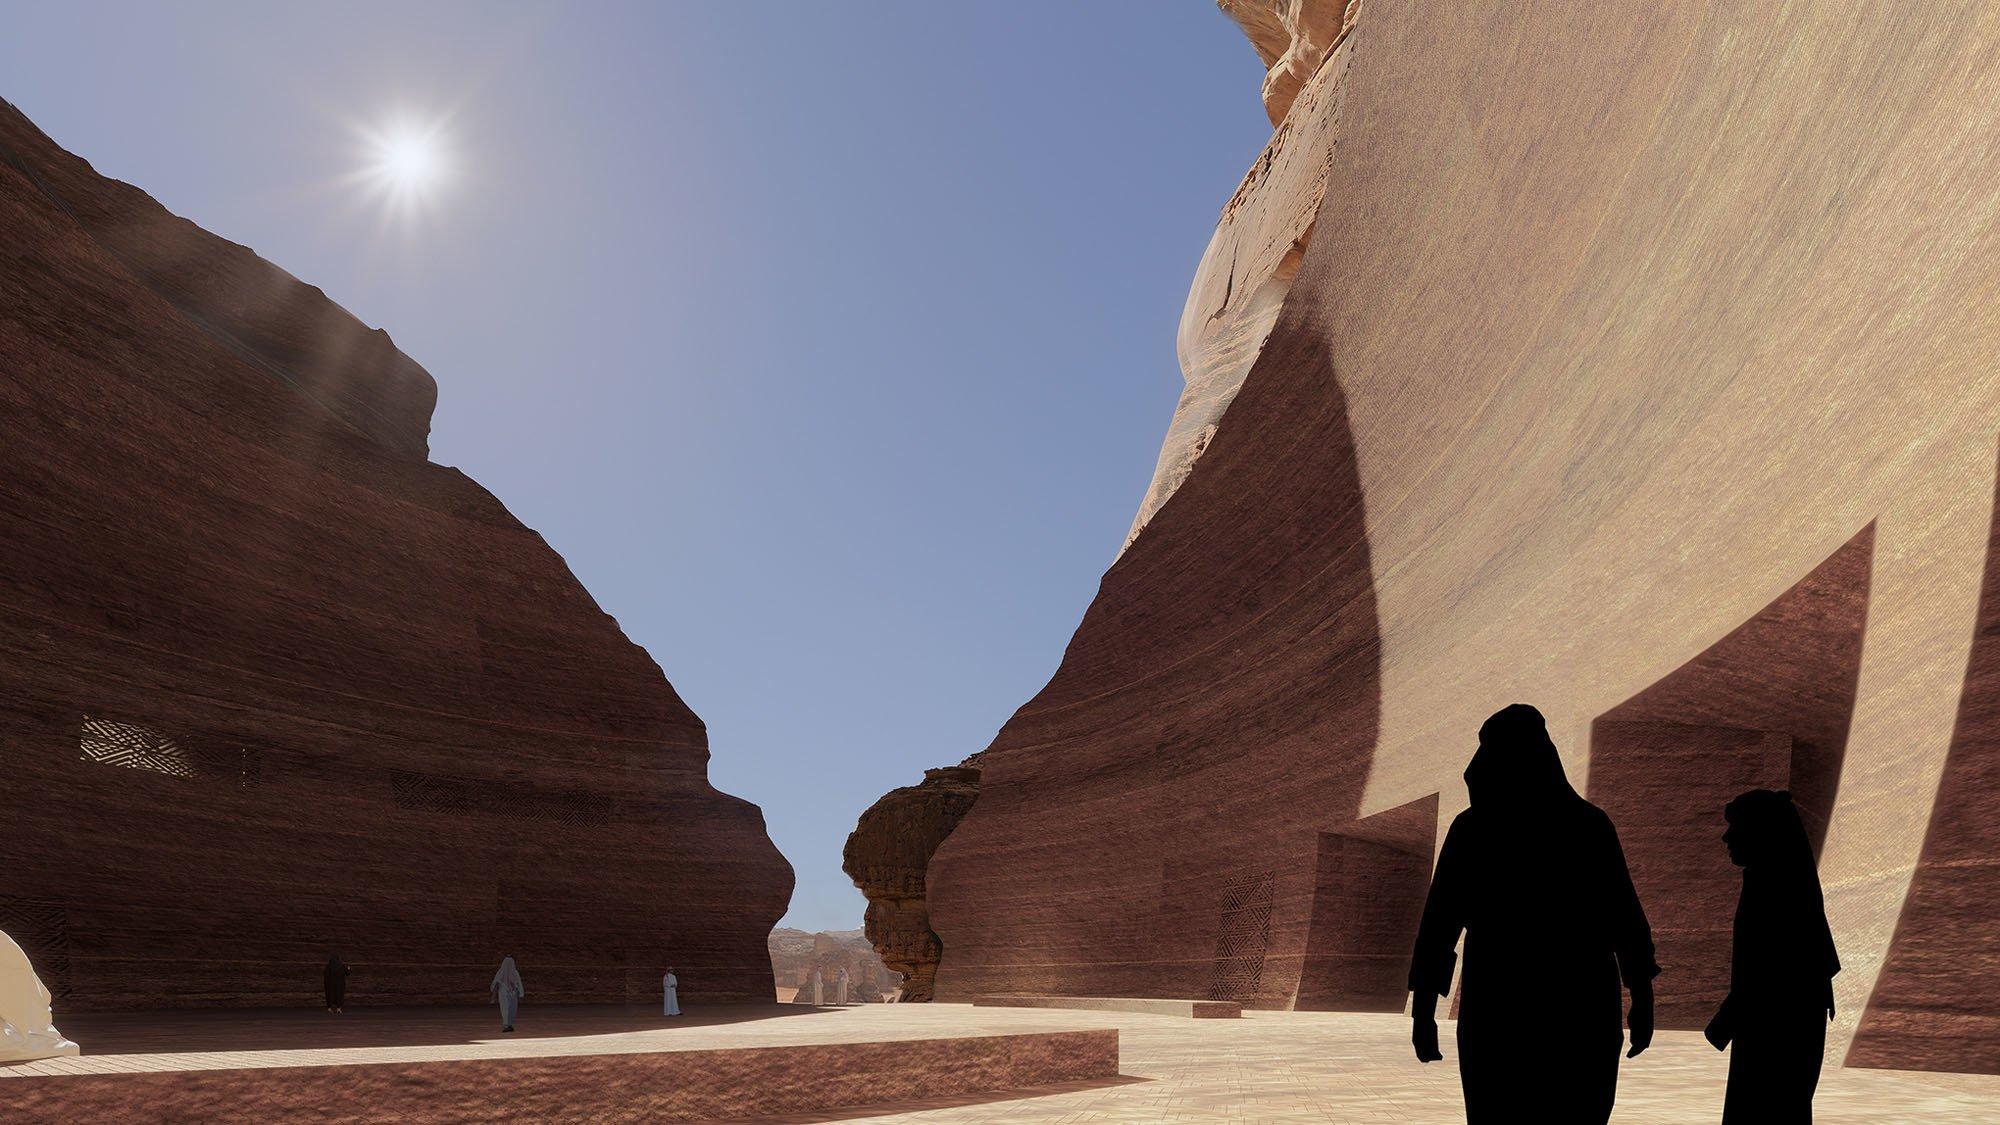 """""""Es geht darum, das Bewusstsein für diese Landschaft zu vertiefen, um sie noch intensiver erleben zu können. Damit ist klar, dass hier etwas komplett Einmaliges entsteht"""", sagt der 75-Jährige."""